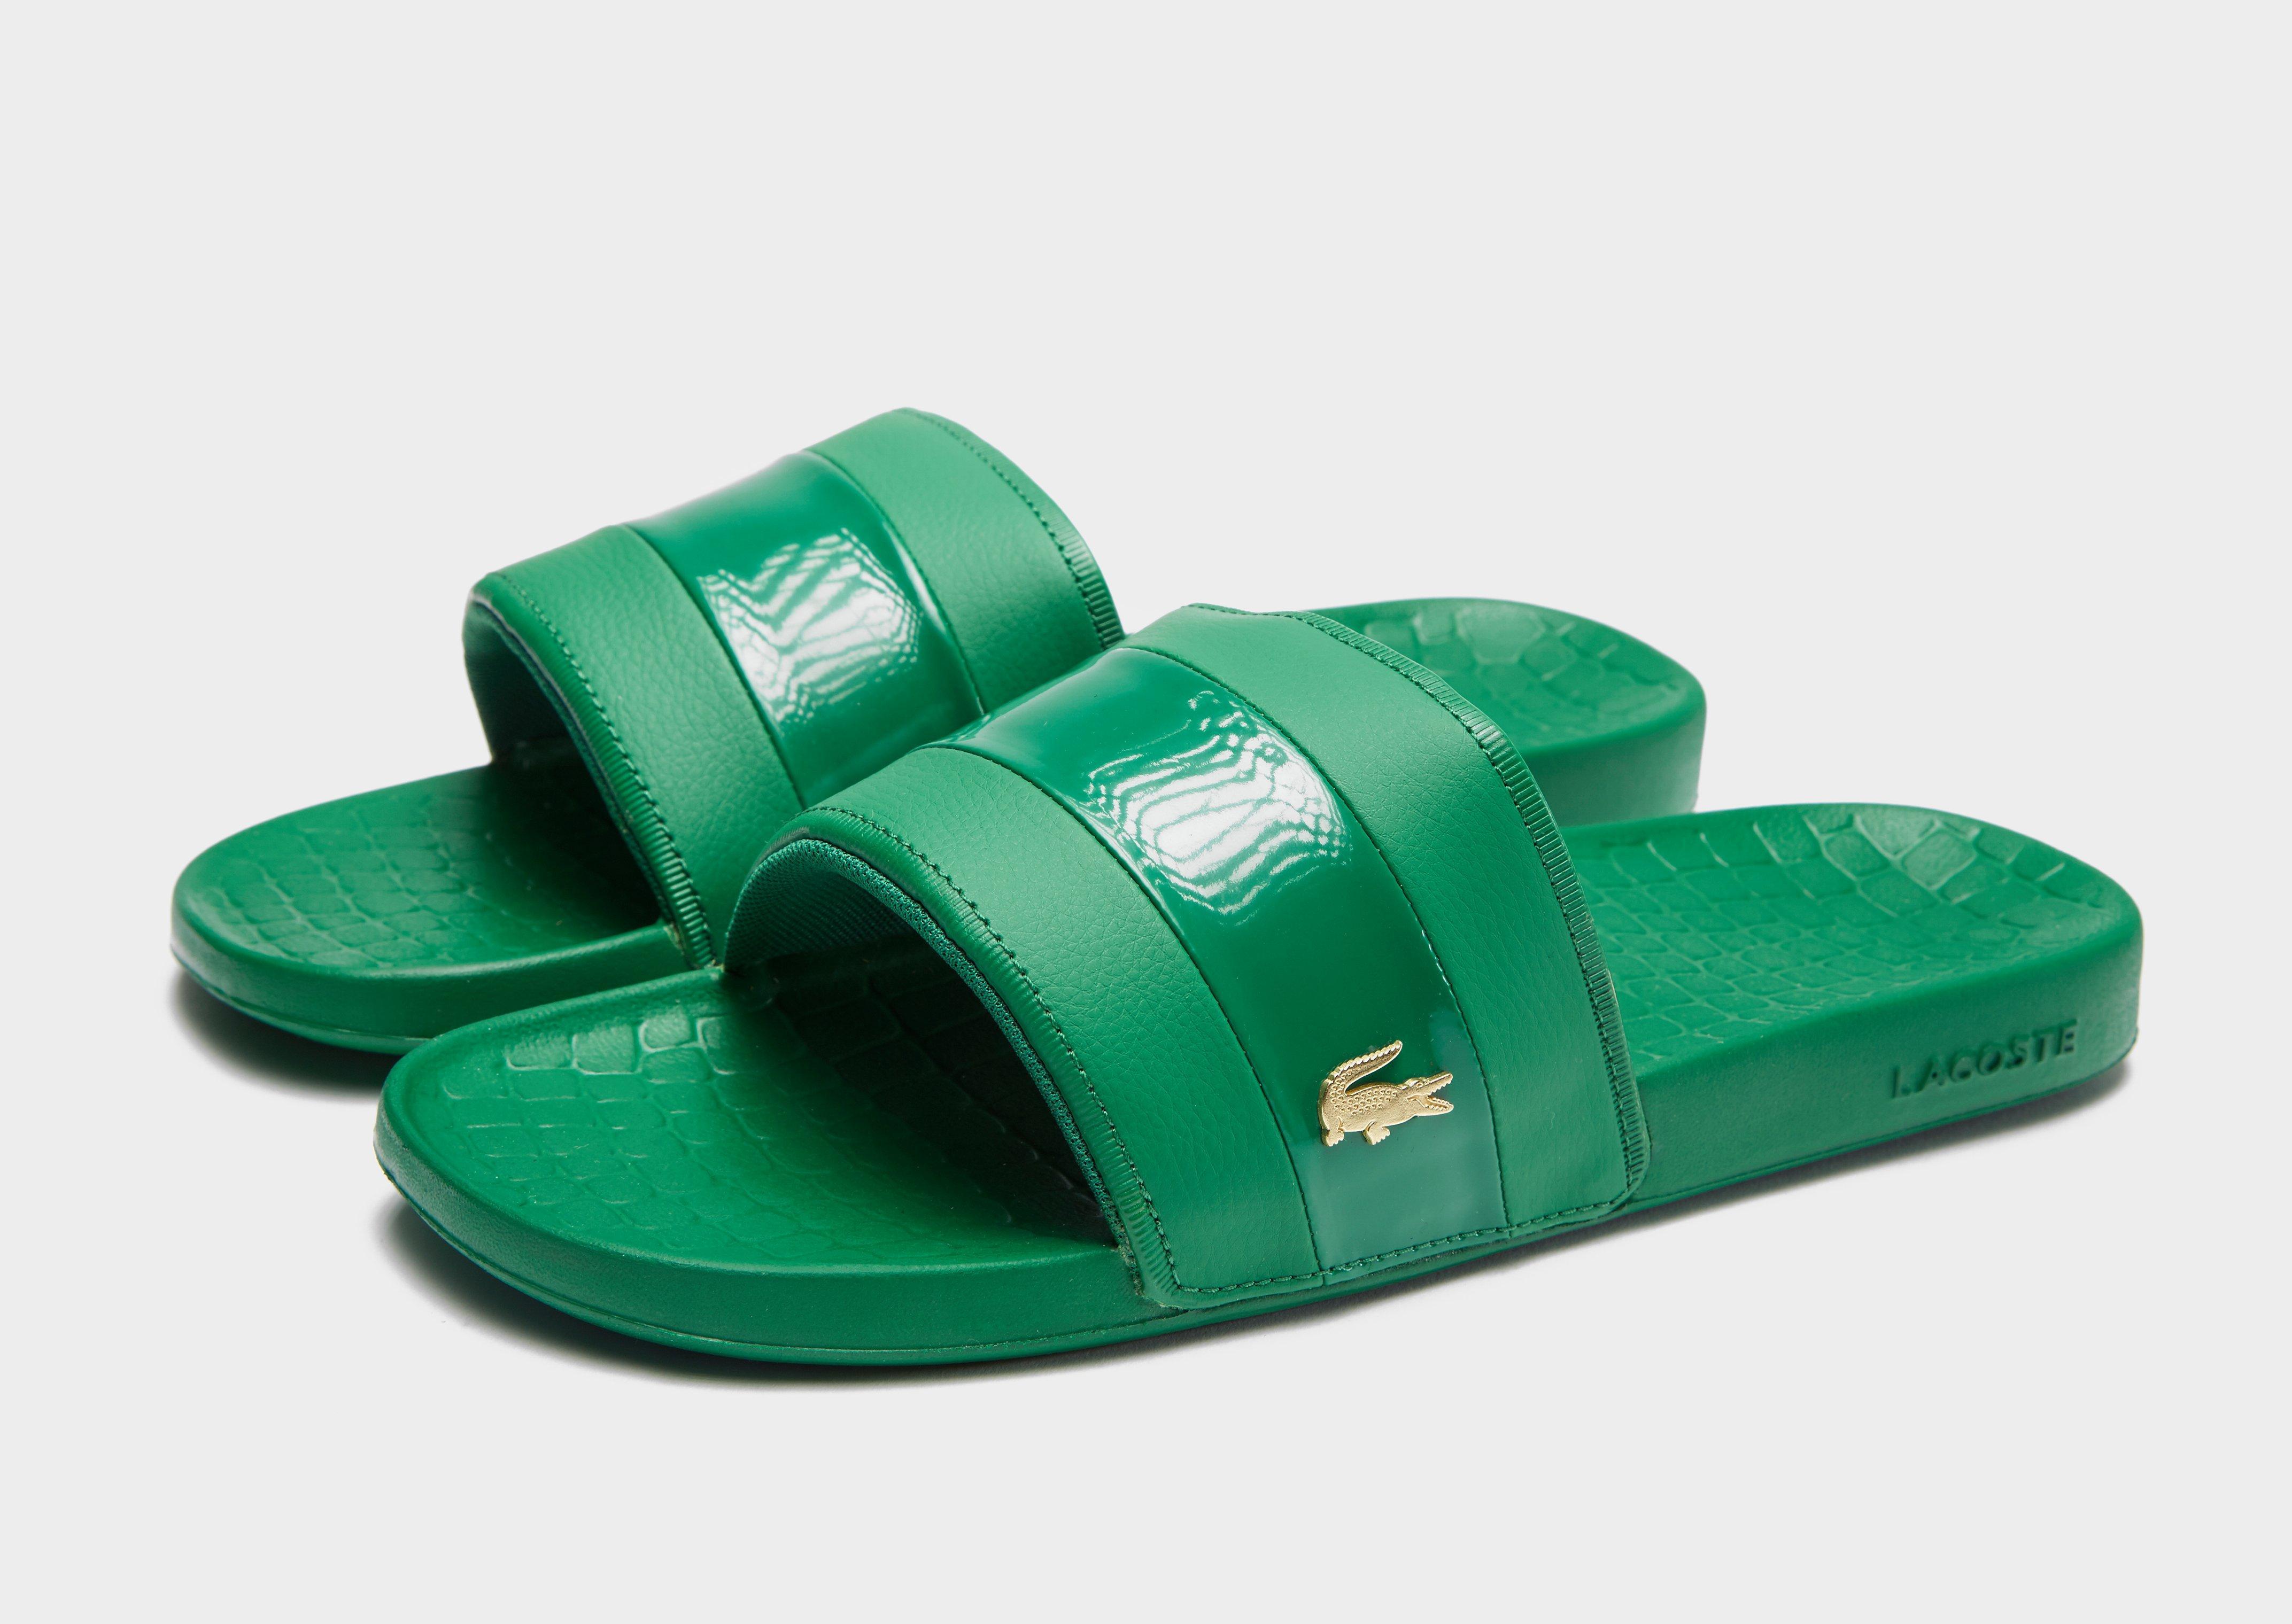 4e868e87daf4 Lyst - Lacoste Frasier Deluxe Slides in Green for Men